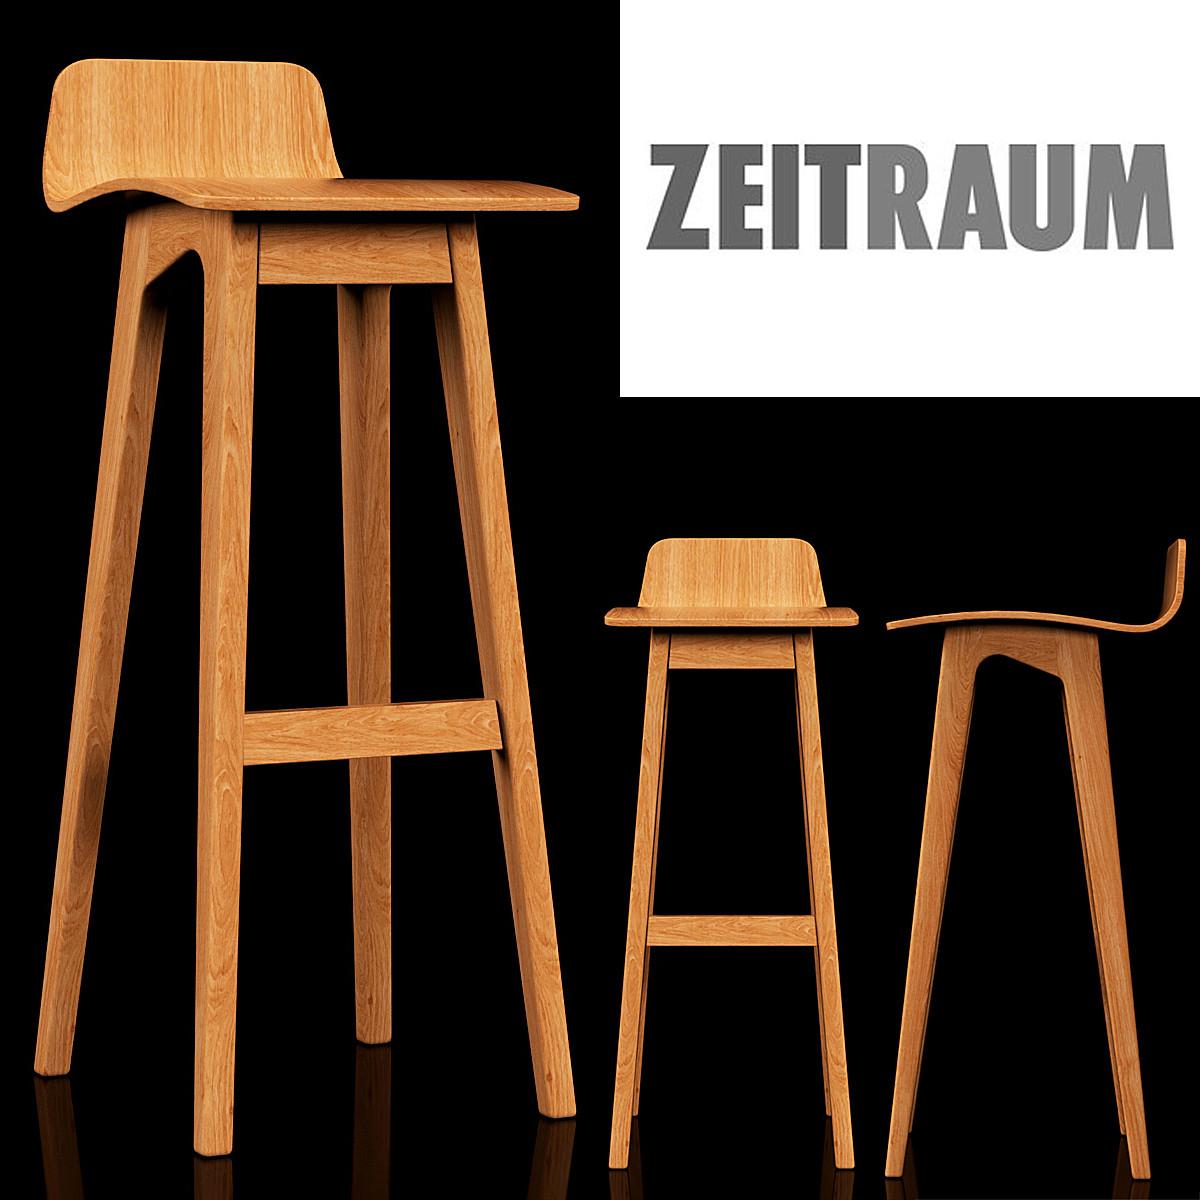 3d model zeitraum morph bar for Barhocker 3ds